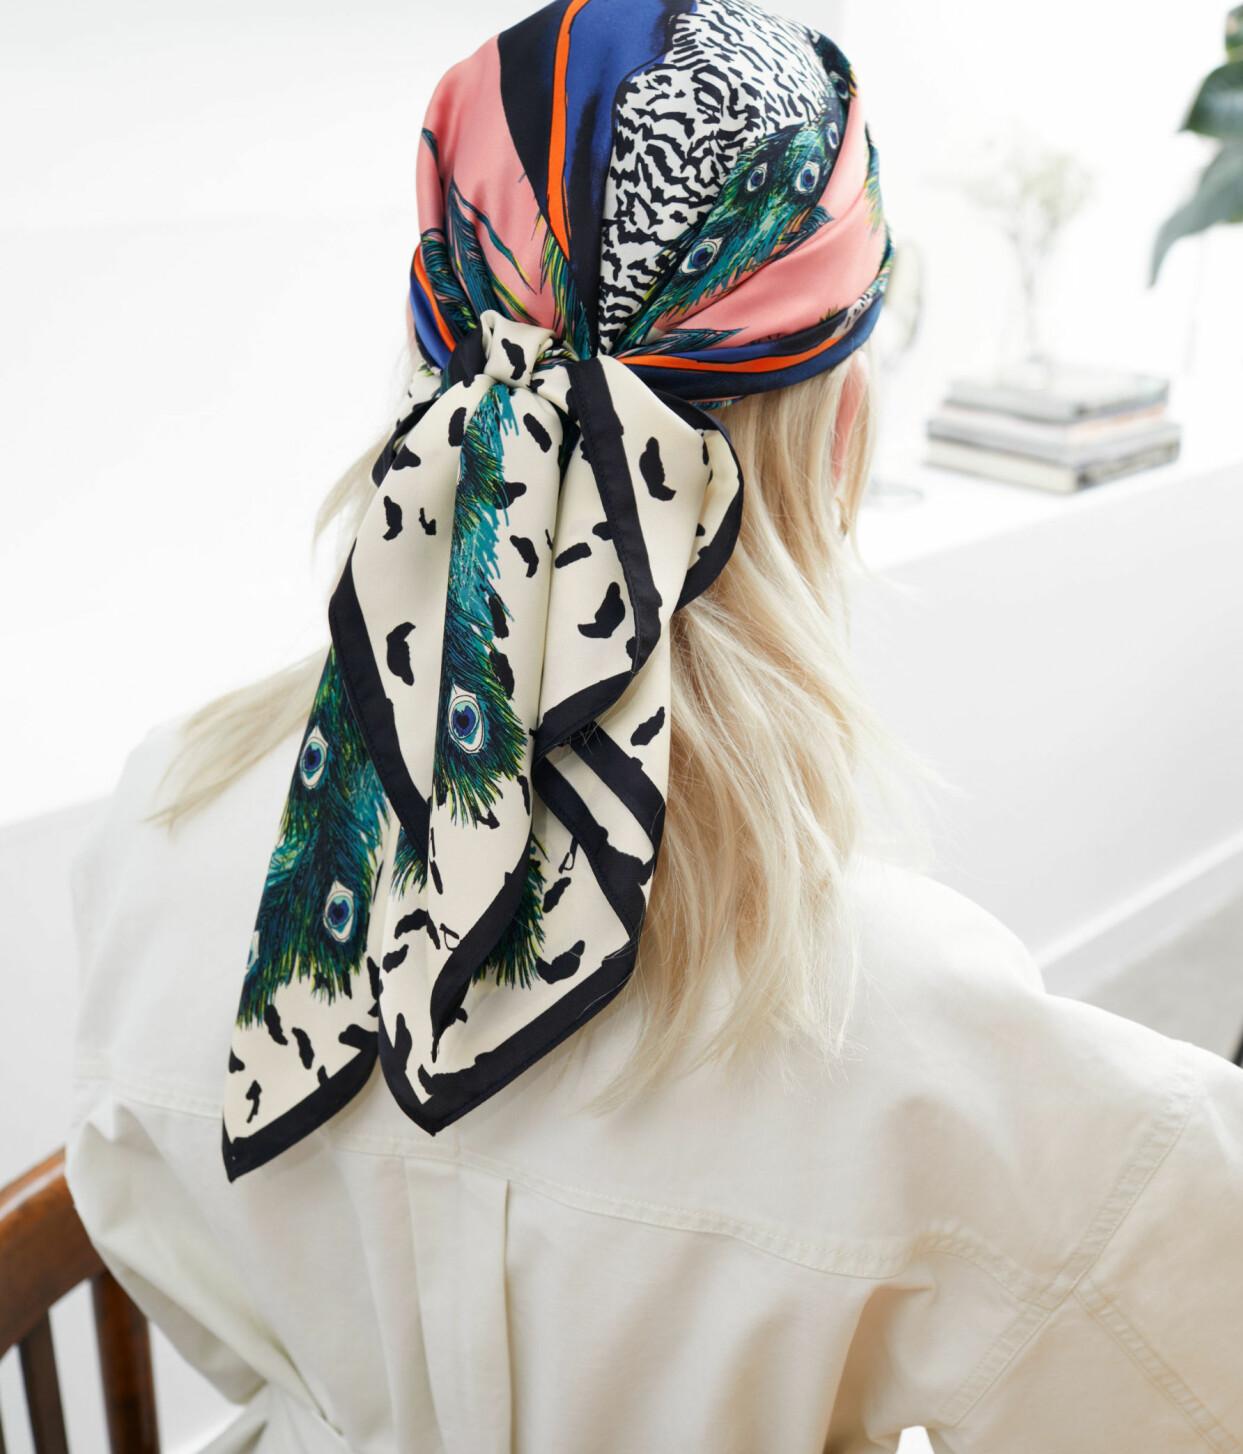 Fyrkantig scarf med påfågel-print, från & Other Stories